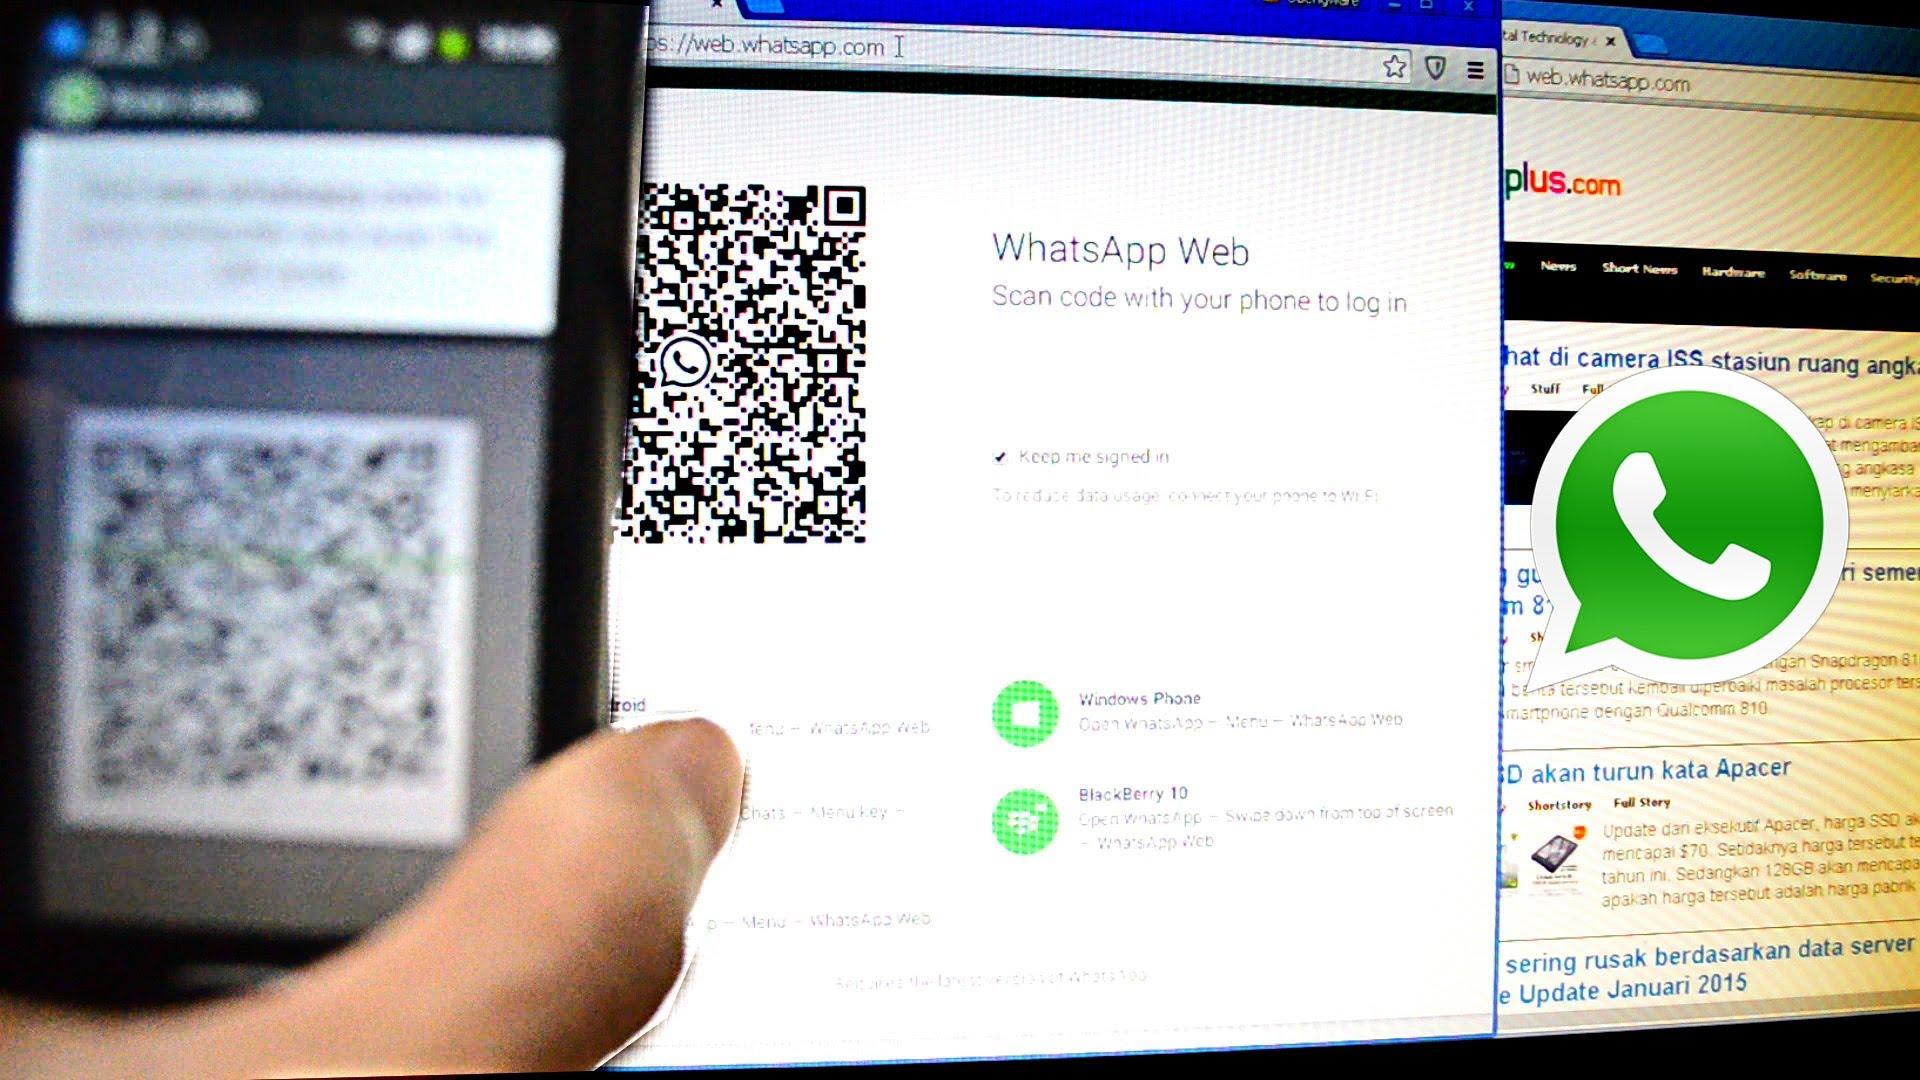 Përdorni WhatsApp në kompjuter